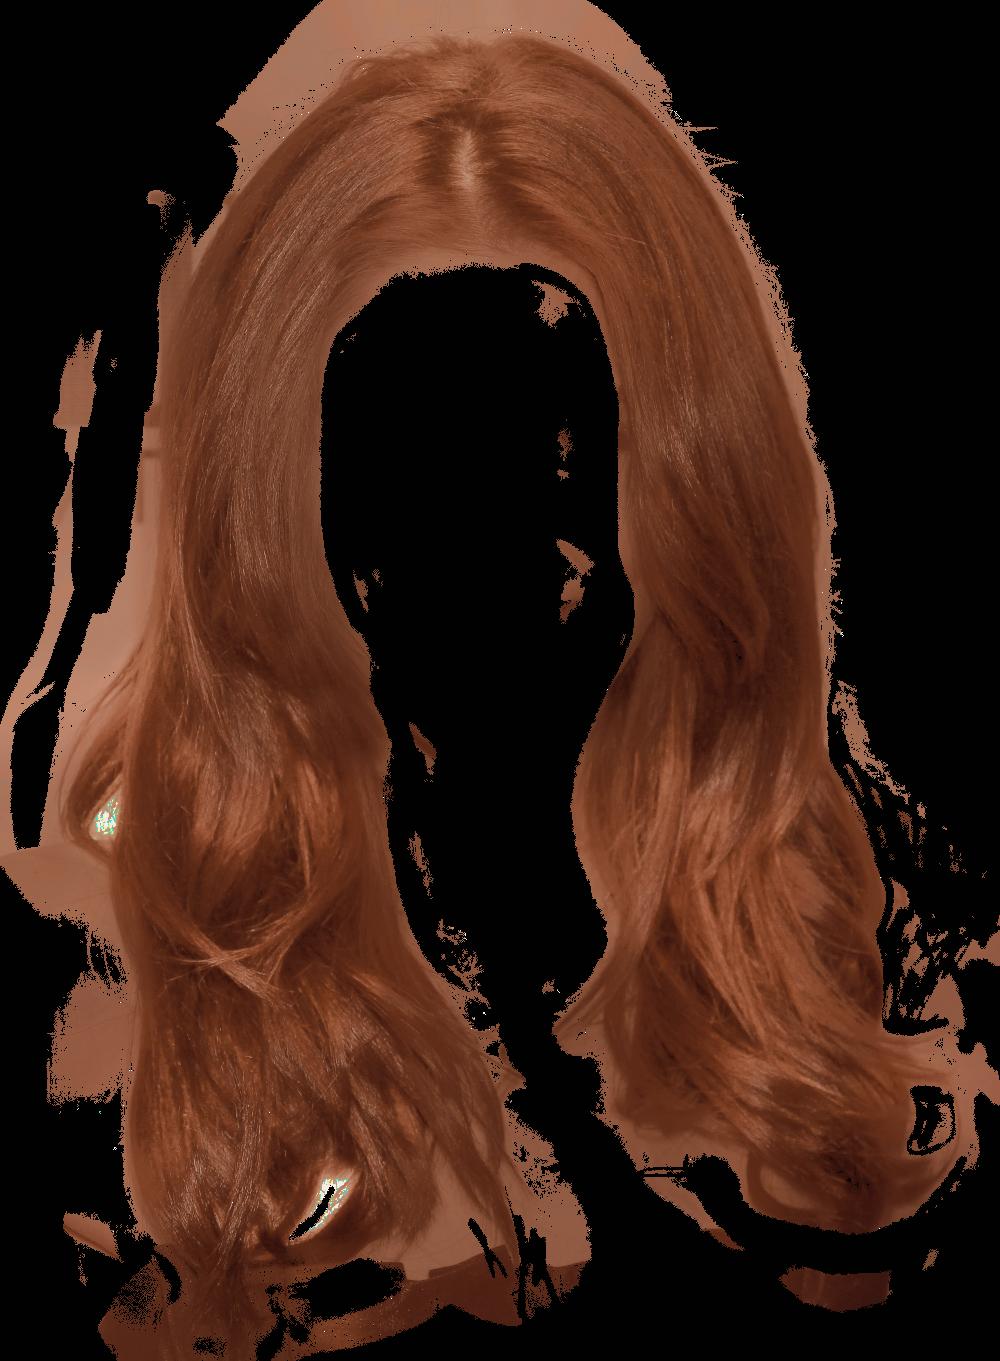 Ladies Hair PNG Image